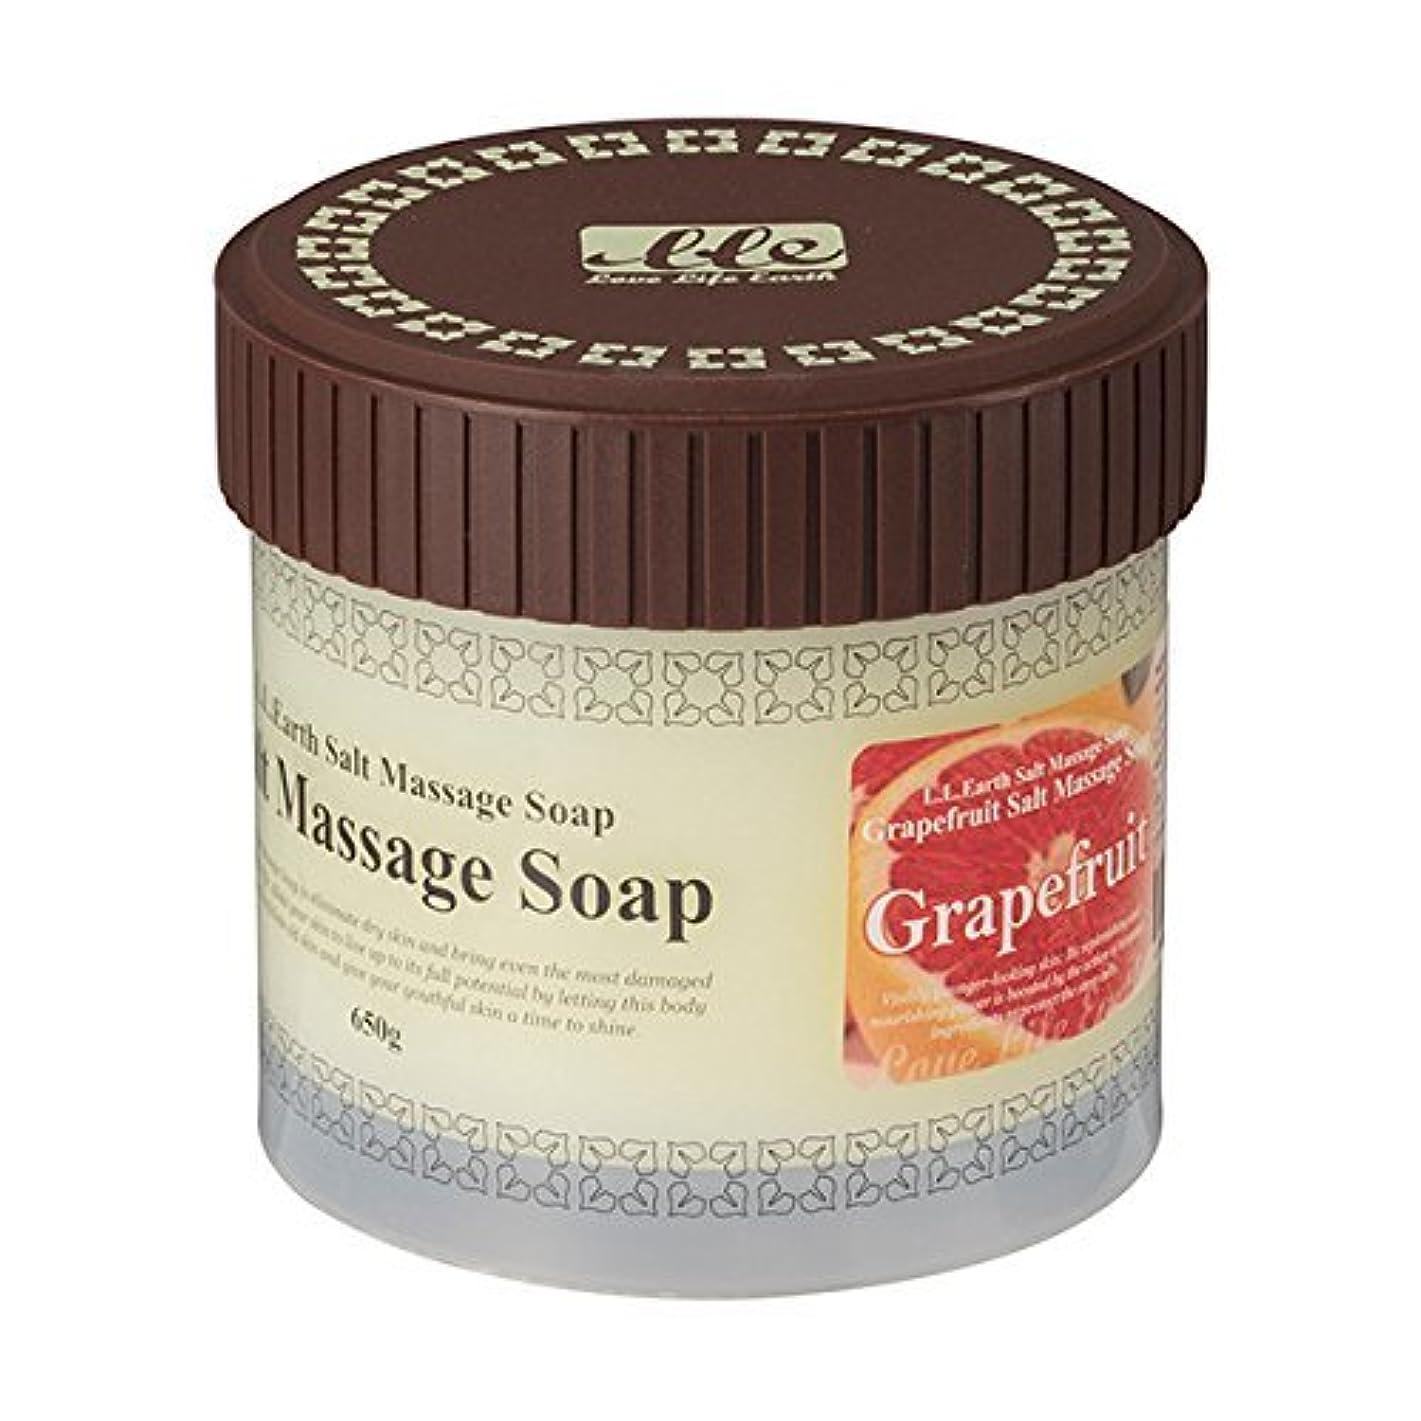 雇用州トロリーバスLLE 業務用 ソルトマッサージソープ 650g [選べる香り5種類] ( ボディ用 スクラブ ) グレープフルーツ